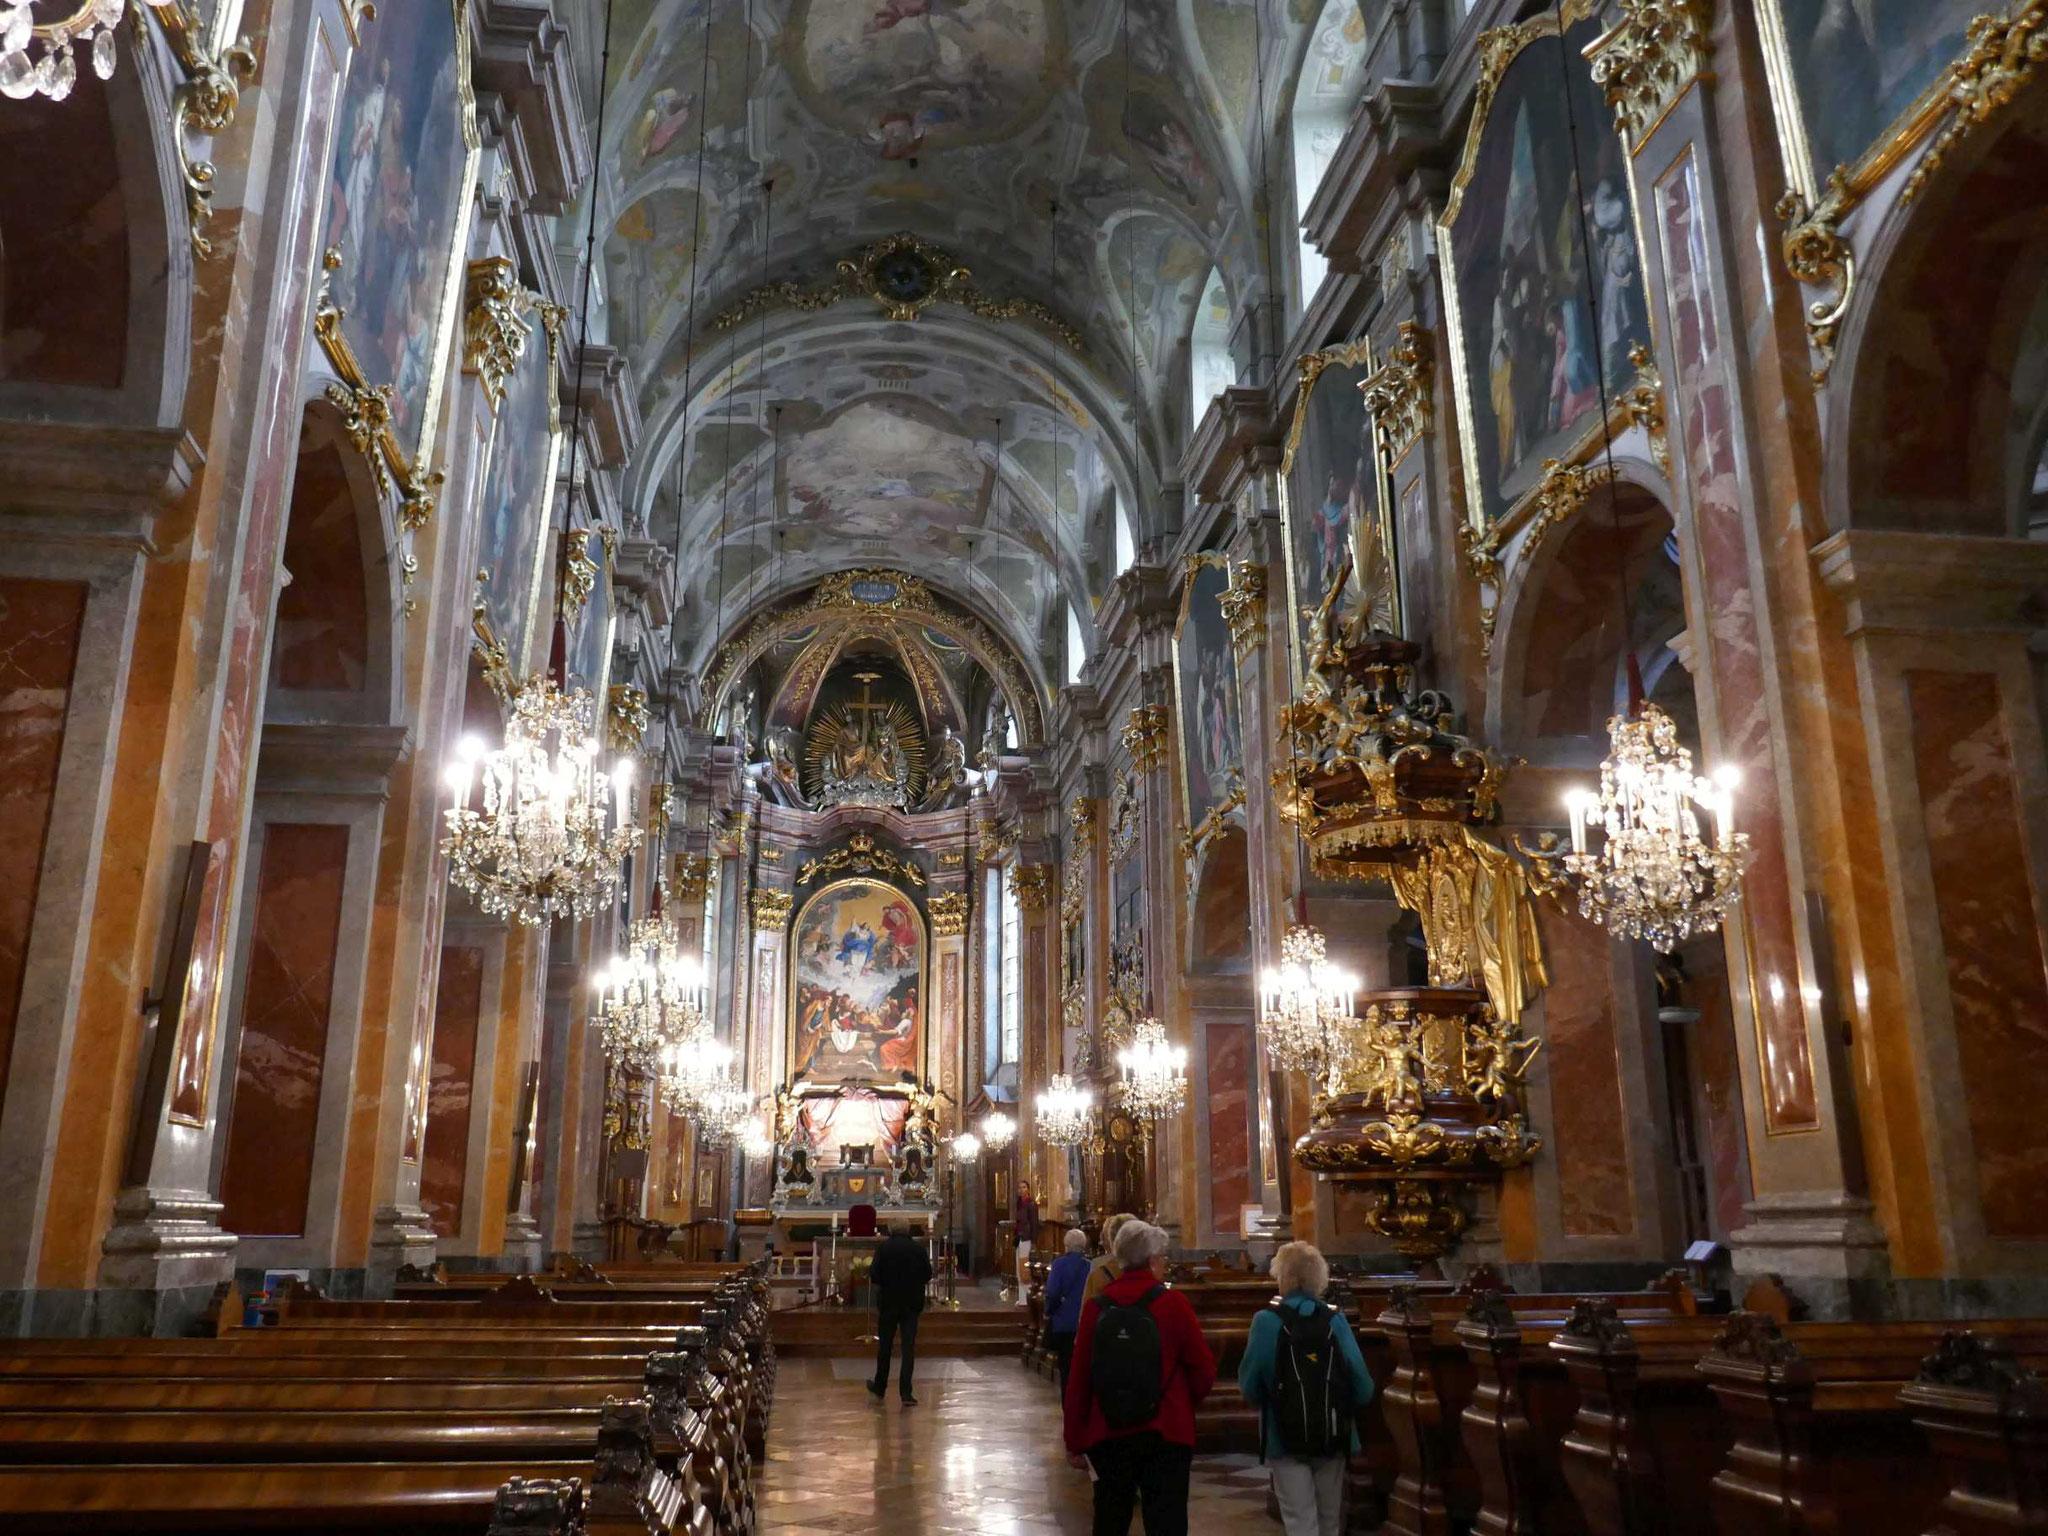 St. Pölten